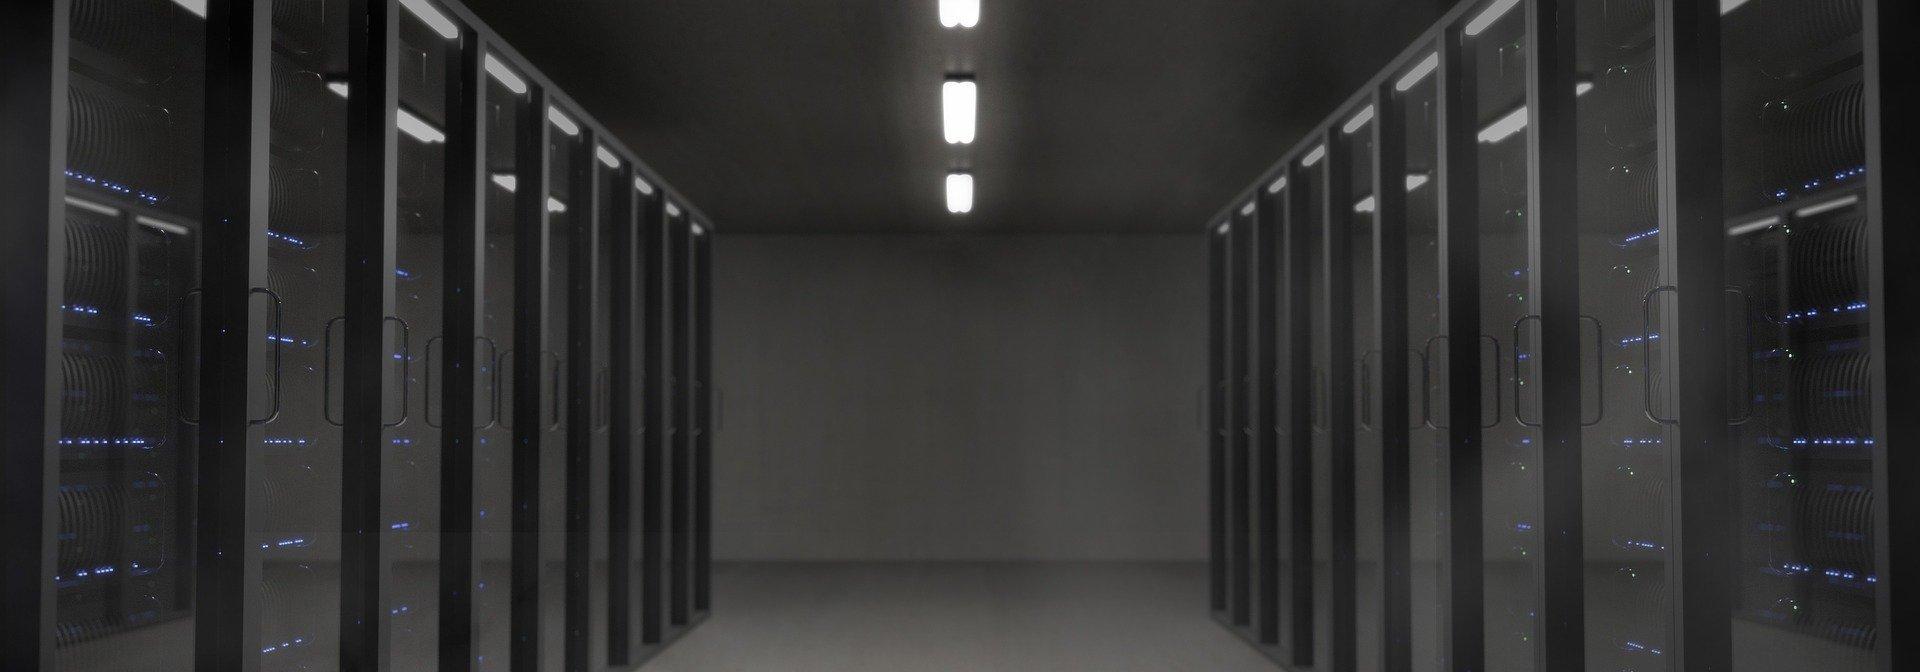 Normativa de incendios en data centers